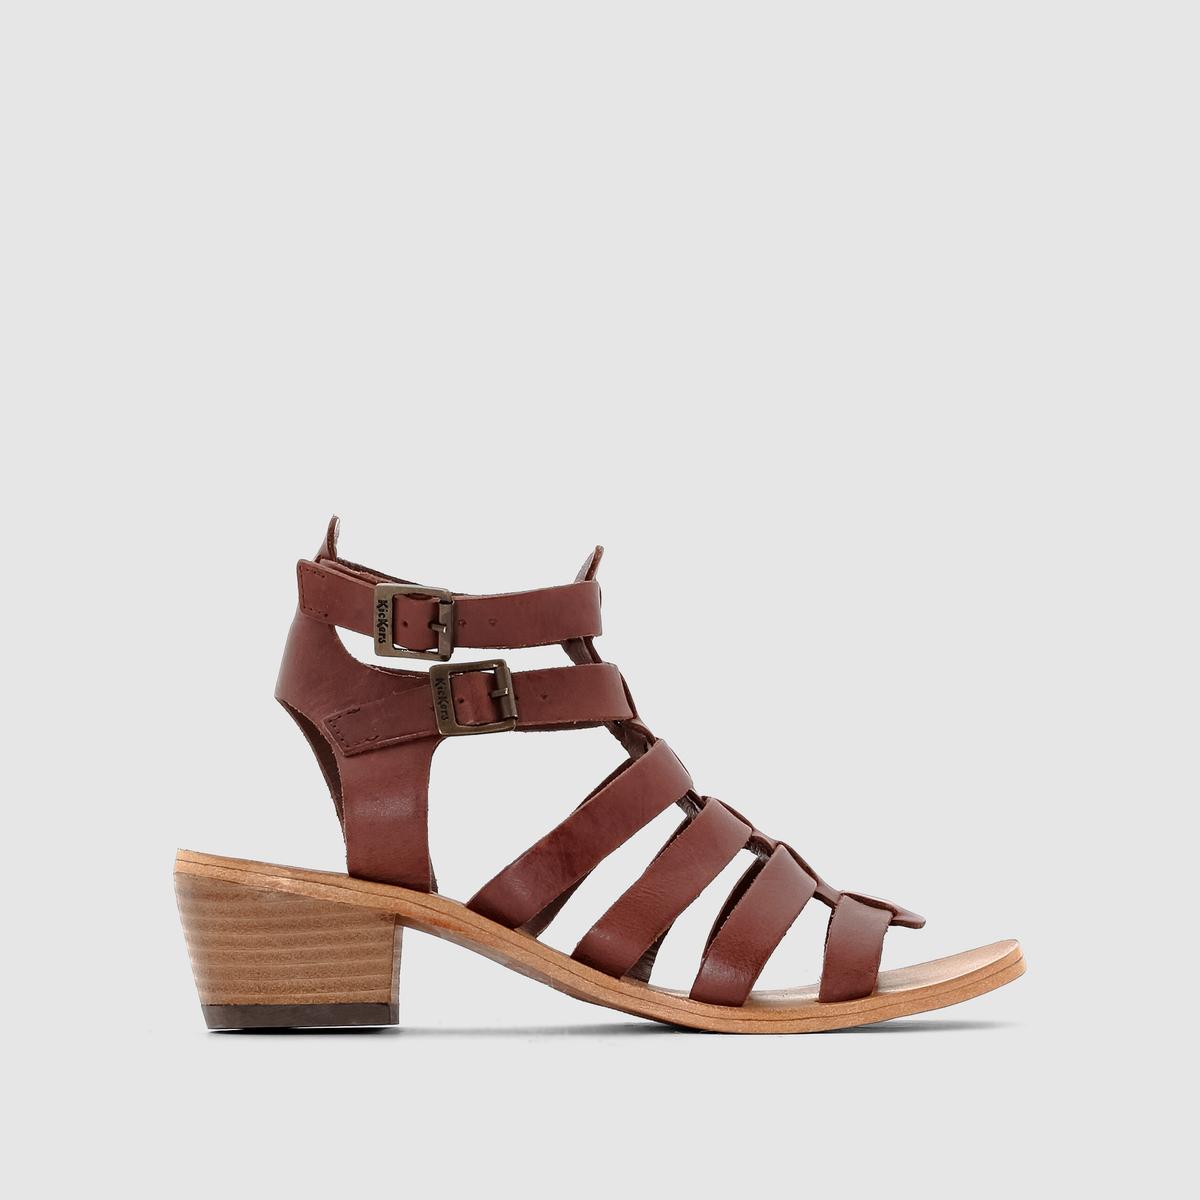 Босоножки кожаные на каблуке KhoalaБосоножки на каблуке KICKERS, модель Khoala. Верх: яловичная кожа.Подкладка: кожа.Стелька: невыделанная кожа.Подошва: эластомер.Застежка: двойной регулируемый ремешок с застежкой на щиколотке.Высота каблука: 5 см. Вам понравятся эти оригинальные босоножки Kickers в стиле римских сандалий: женственные и очень удобные благодаря устойчивому каблуку квадратной формы. Идеальное дополнение вашего образа!<br><br>Цвет: каштановый<br>Размер: 40